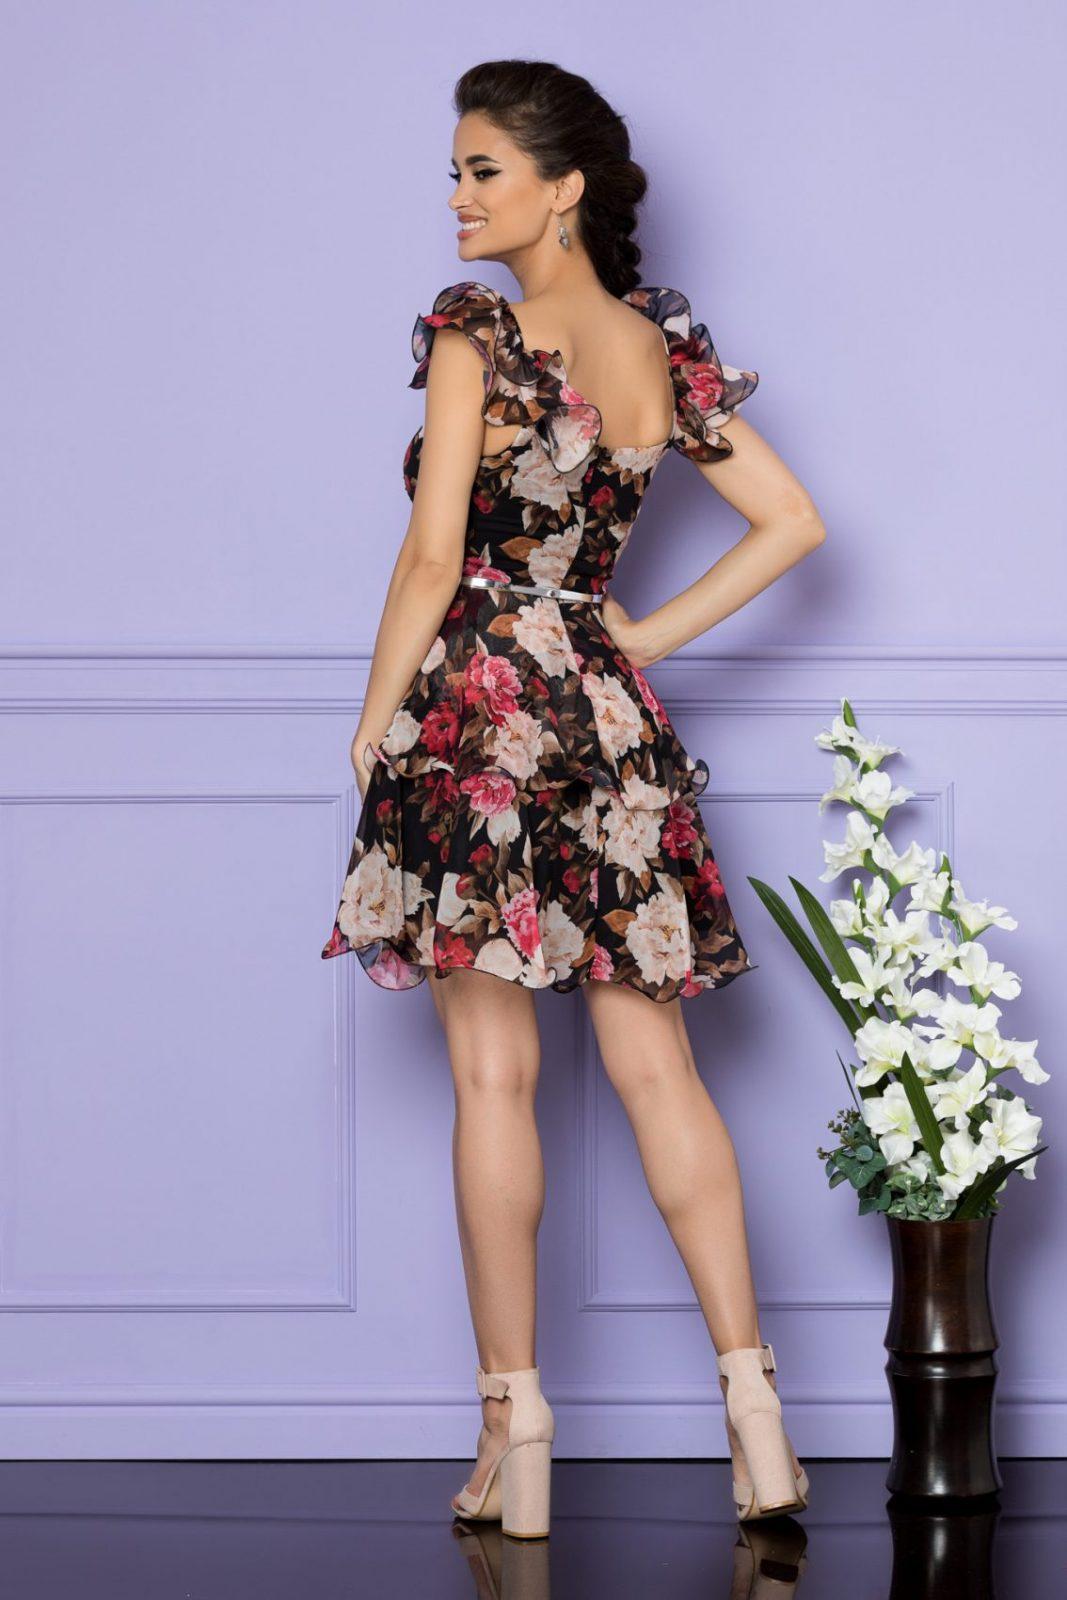 Μαύρο Φλοράλ Αμάνικο Φόρεμα Aniko A750 2